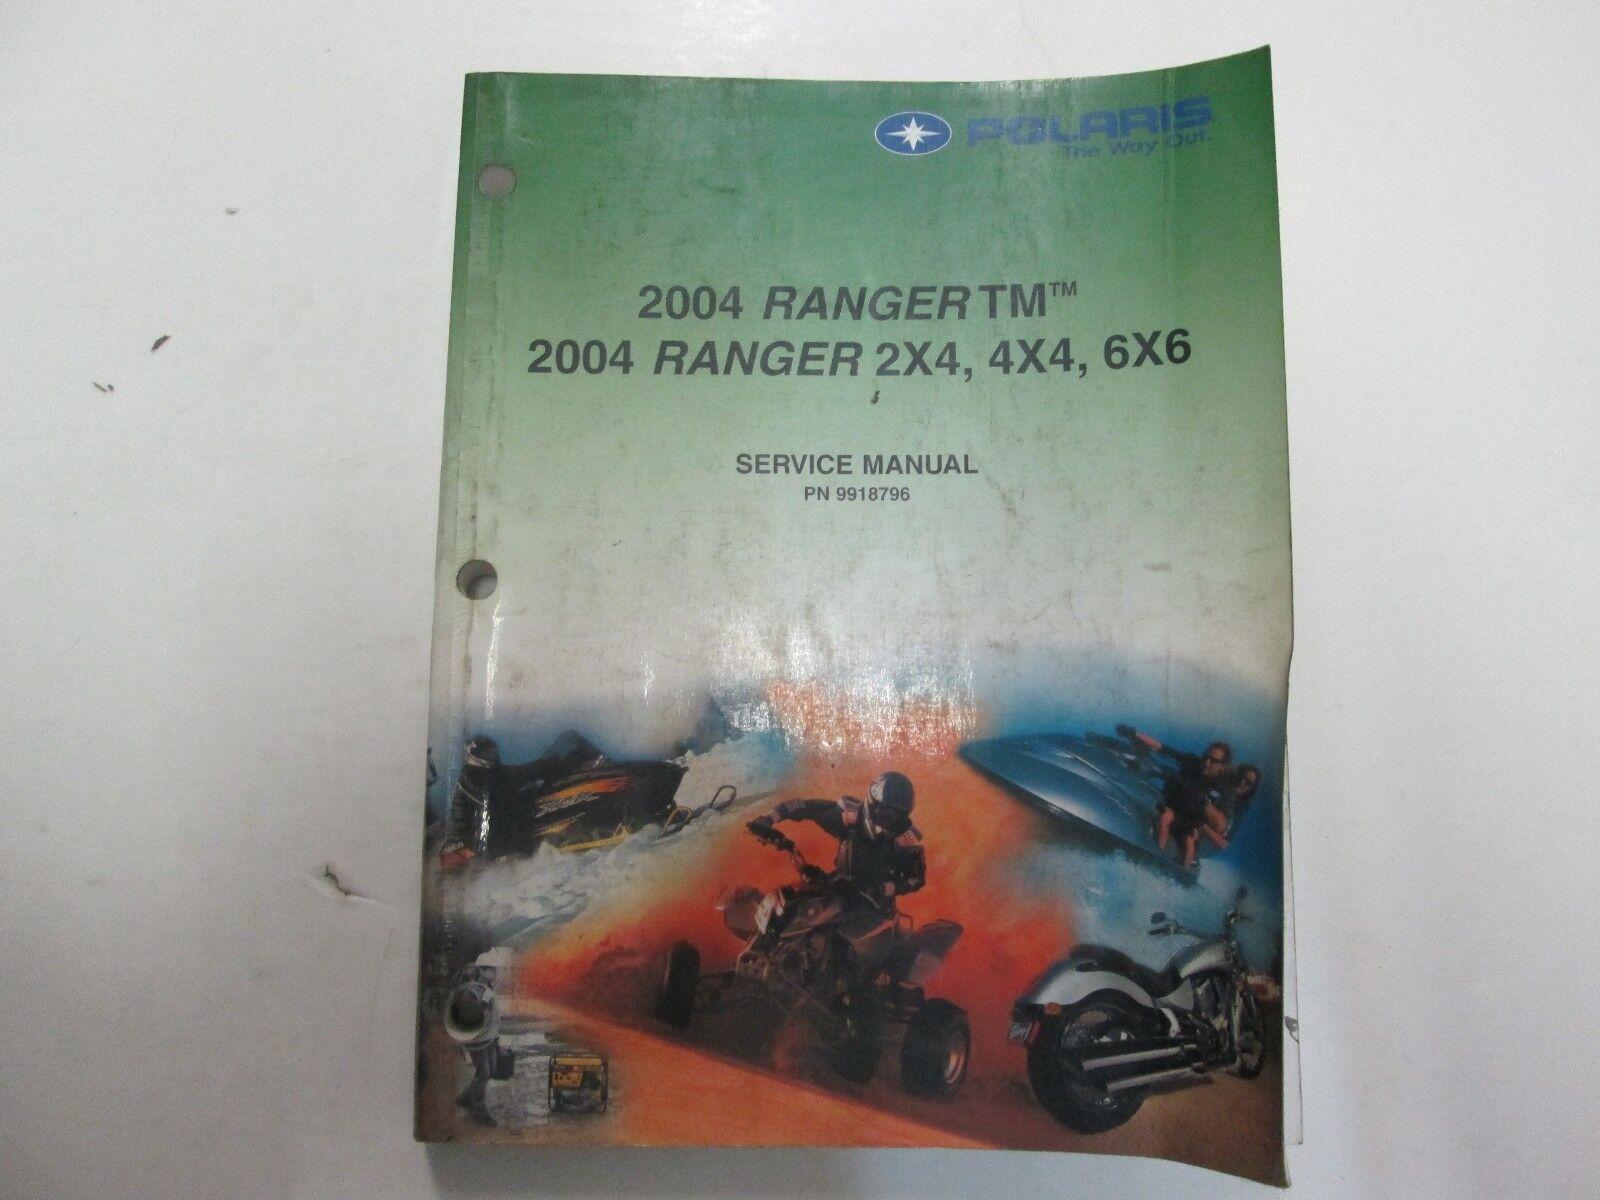 2004 polaris ranger 2x4 4x4 6x6 tm service repair manual ebay picture 1 of 12 sciox Images